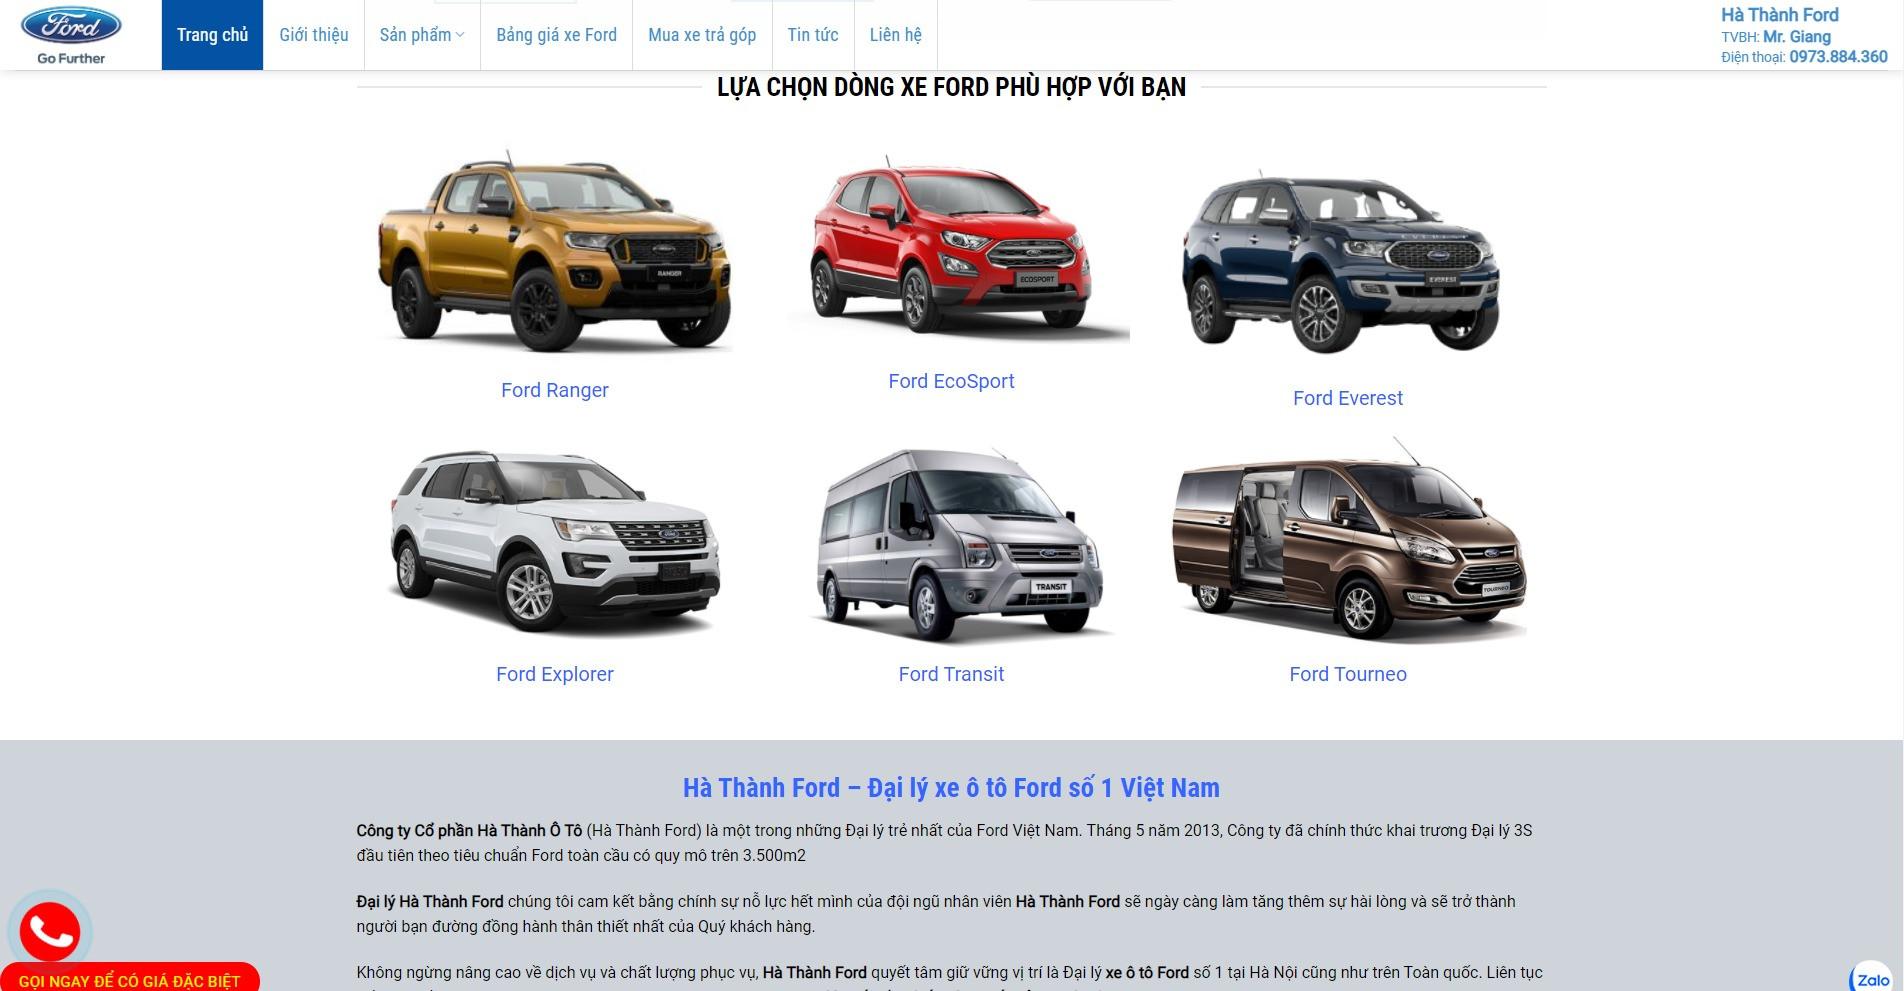 Phần sản phẩm của trang chủ Website ô tô Ford Hà Thành